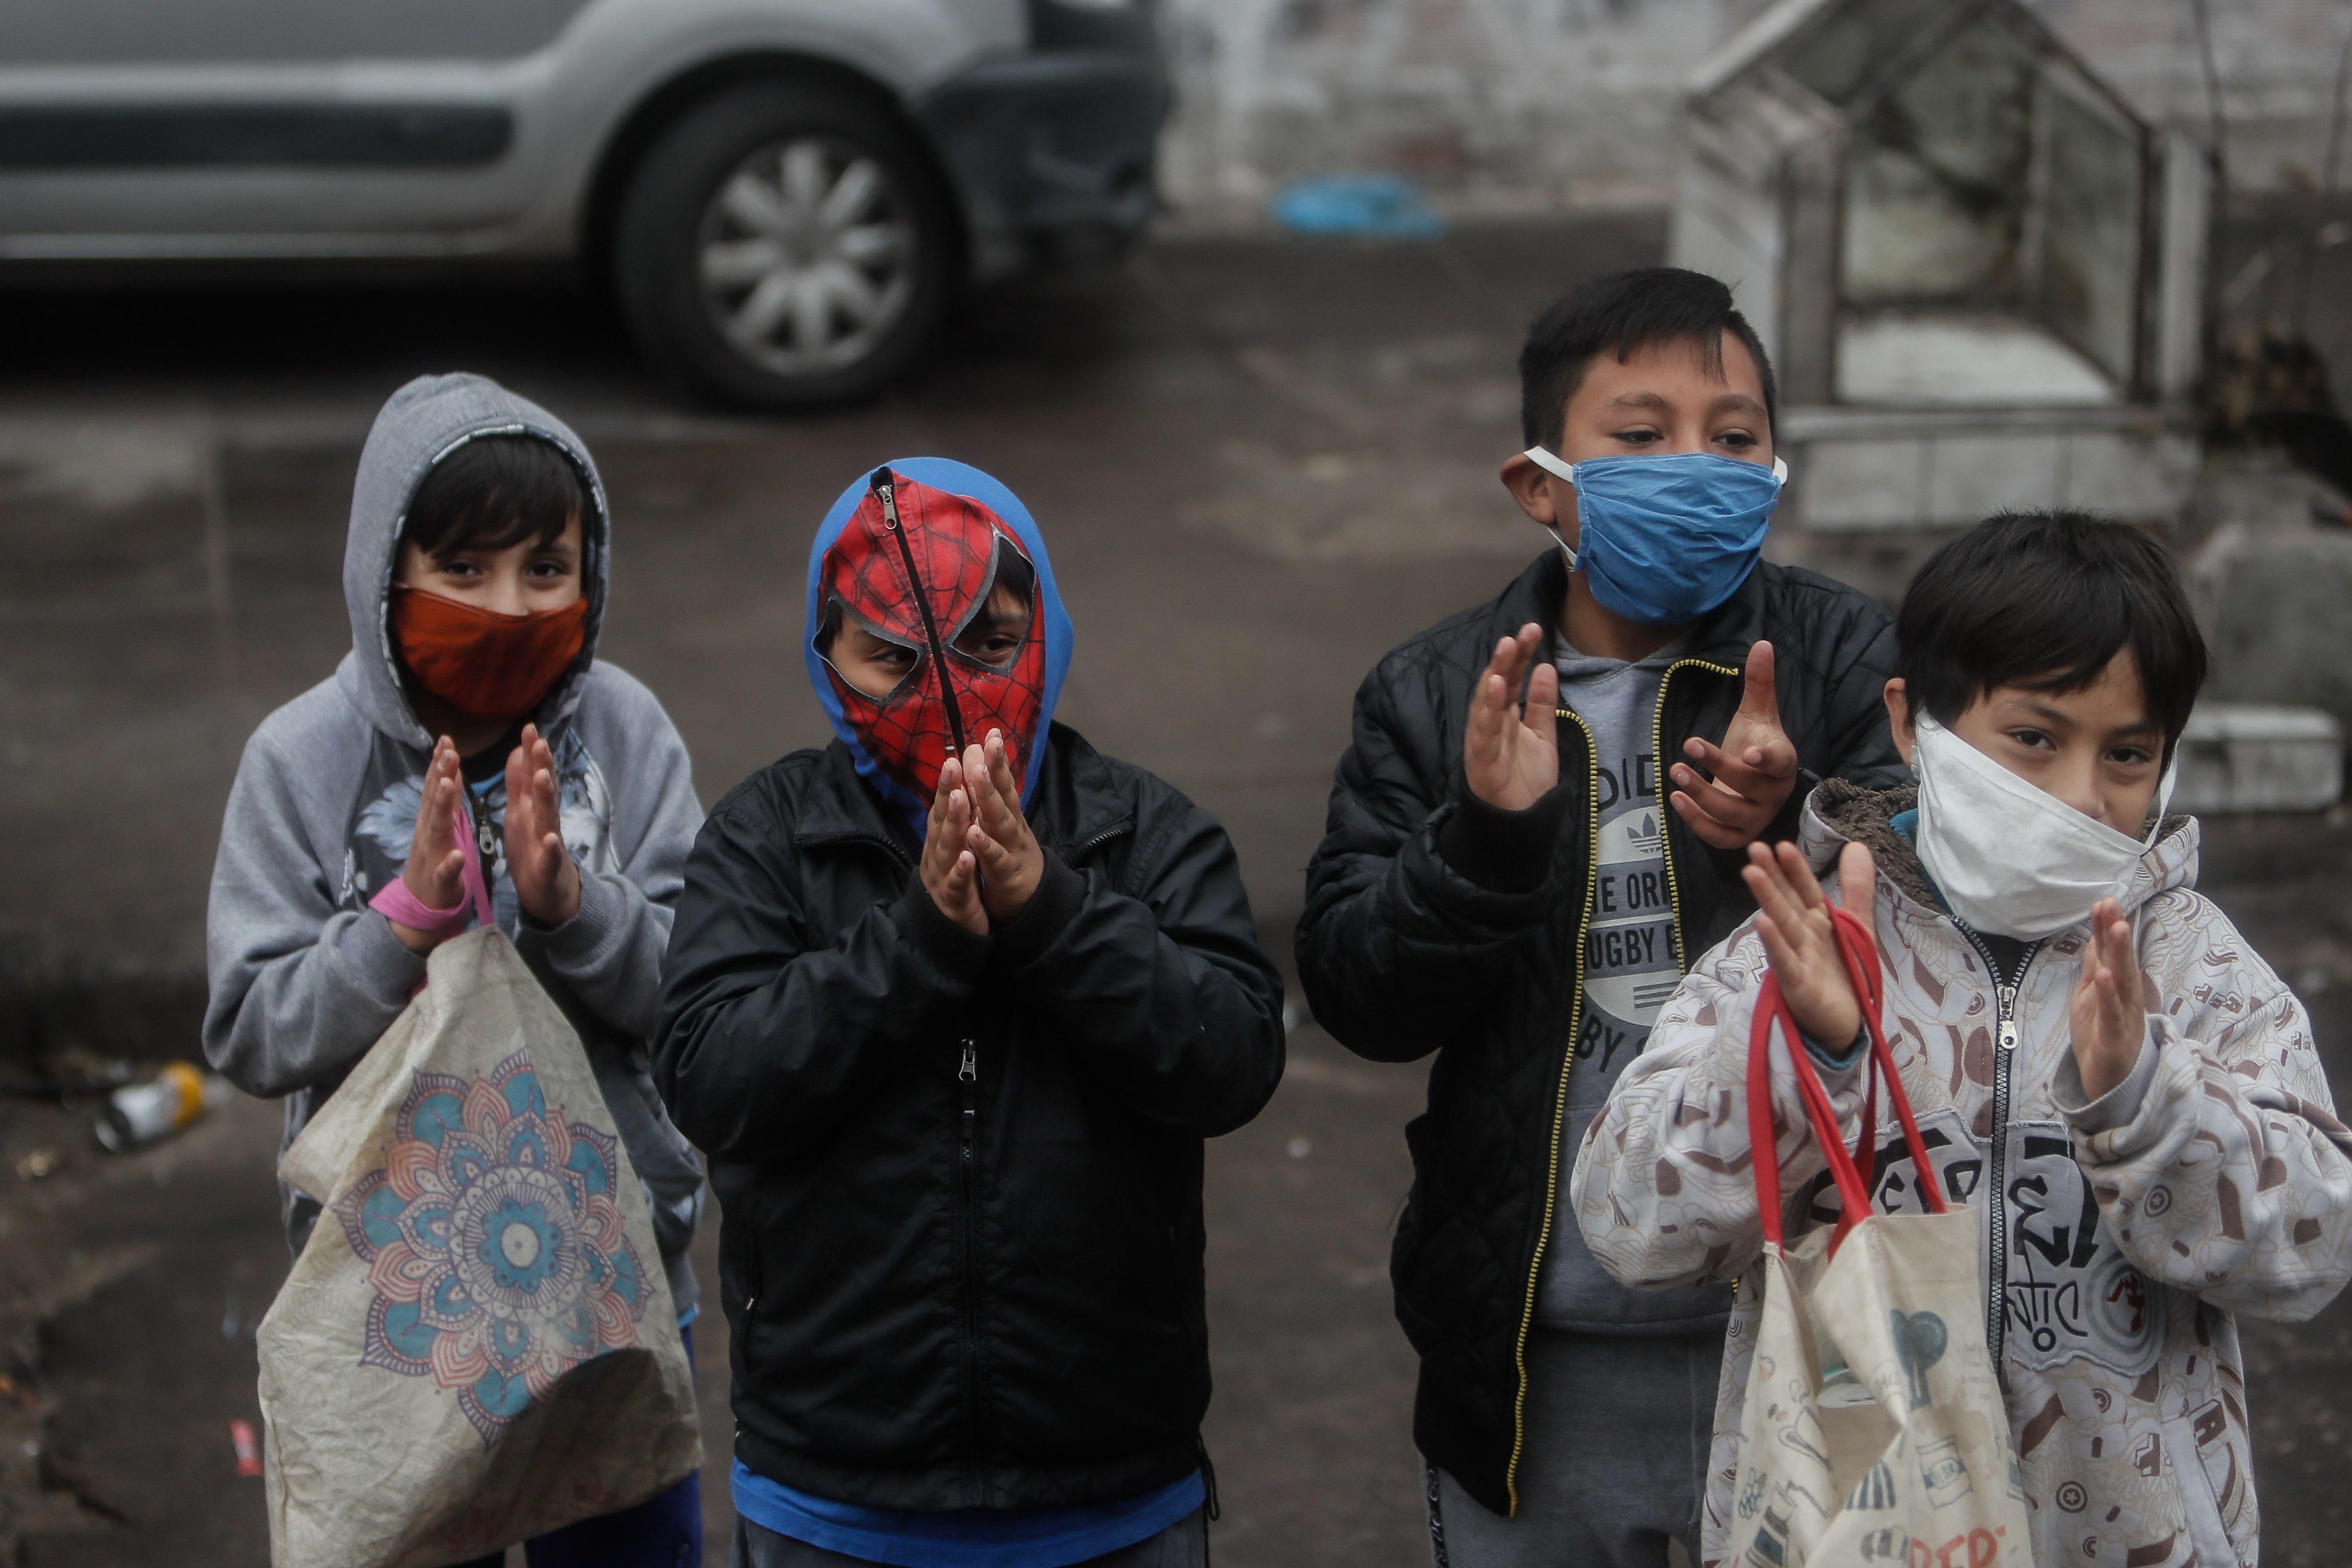 Un grupo de niños aplaude afuera de a un comedor comunitario durante la crisis del coronavirus en el barrio Padre Rodolfo Ricciardelli, anteriormente conocido como Villa 1-11-14, en la Ciudad de Buenos Aires (Argentina). EFE/Juan Ignacio Roncoroni/Archivo